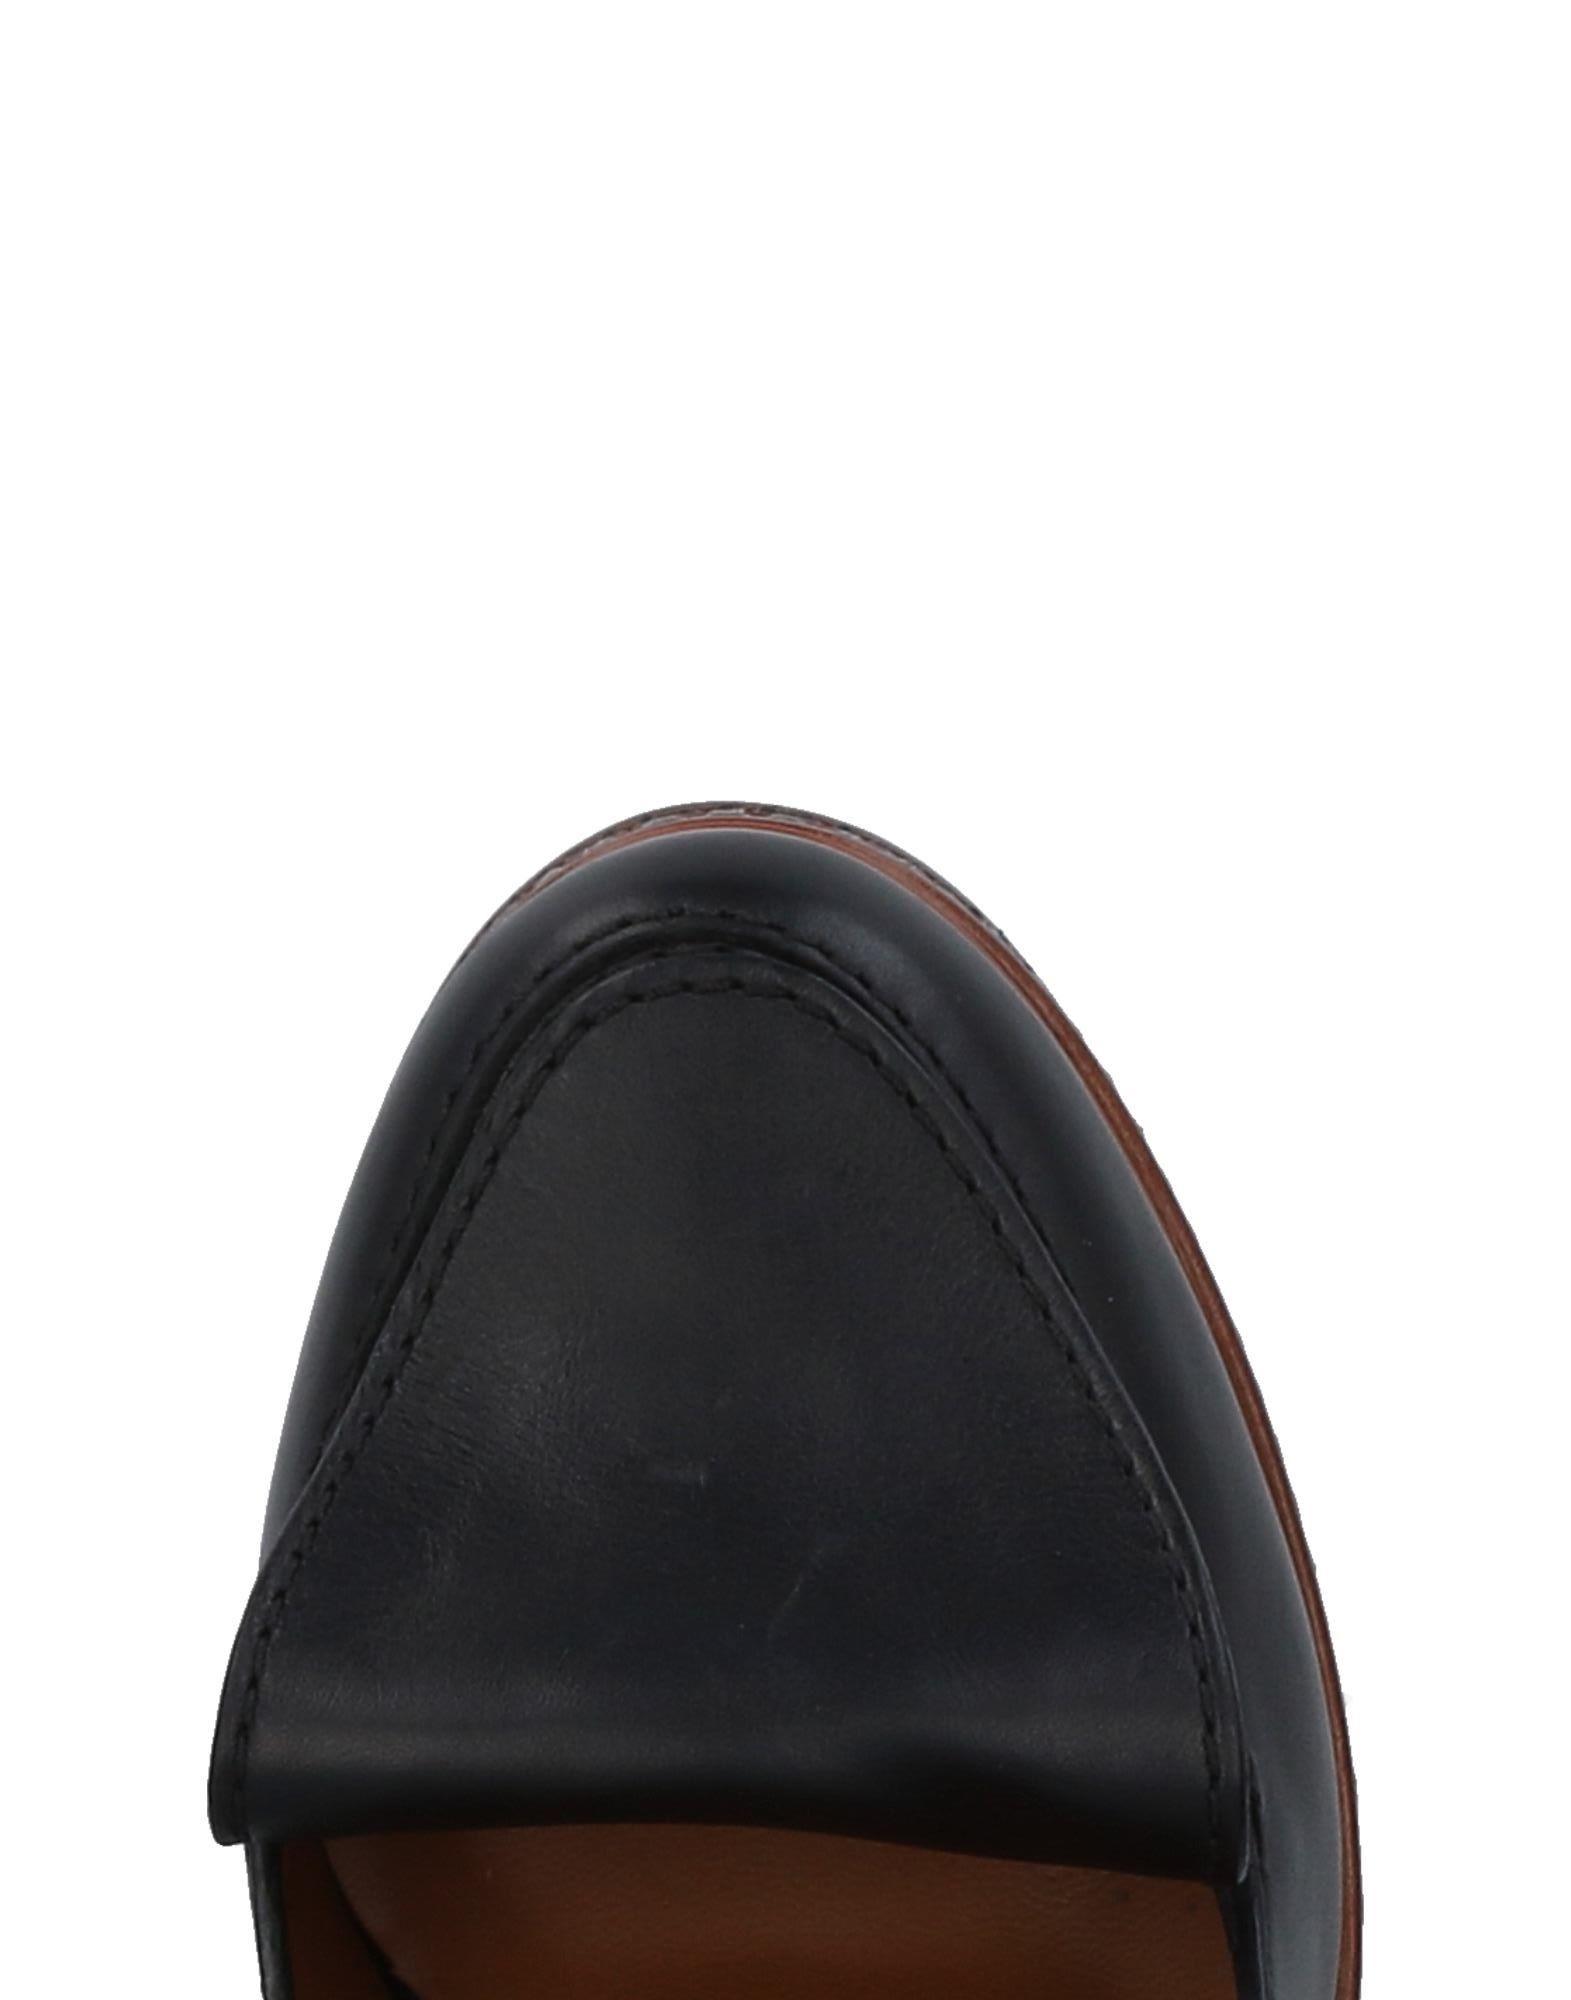 Fendi Mokassins aussehende Damen  44998880GBGünstige gut aussehende Mokassins Schuhe 9b89ae